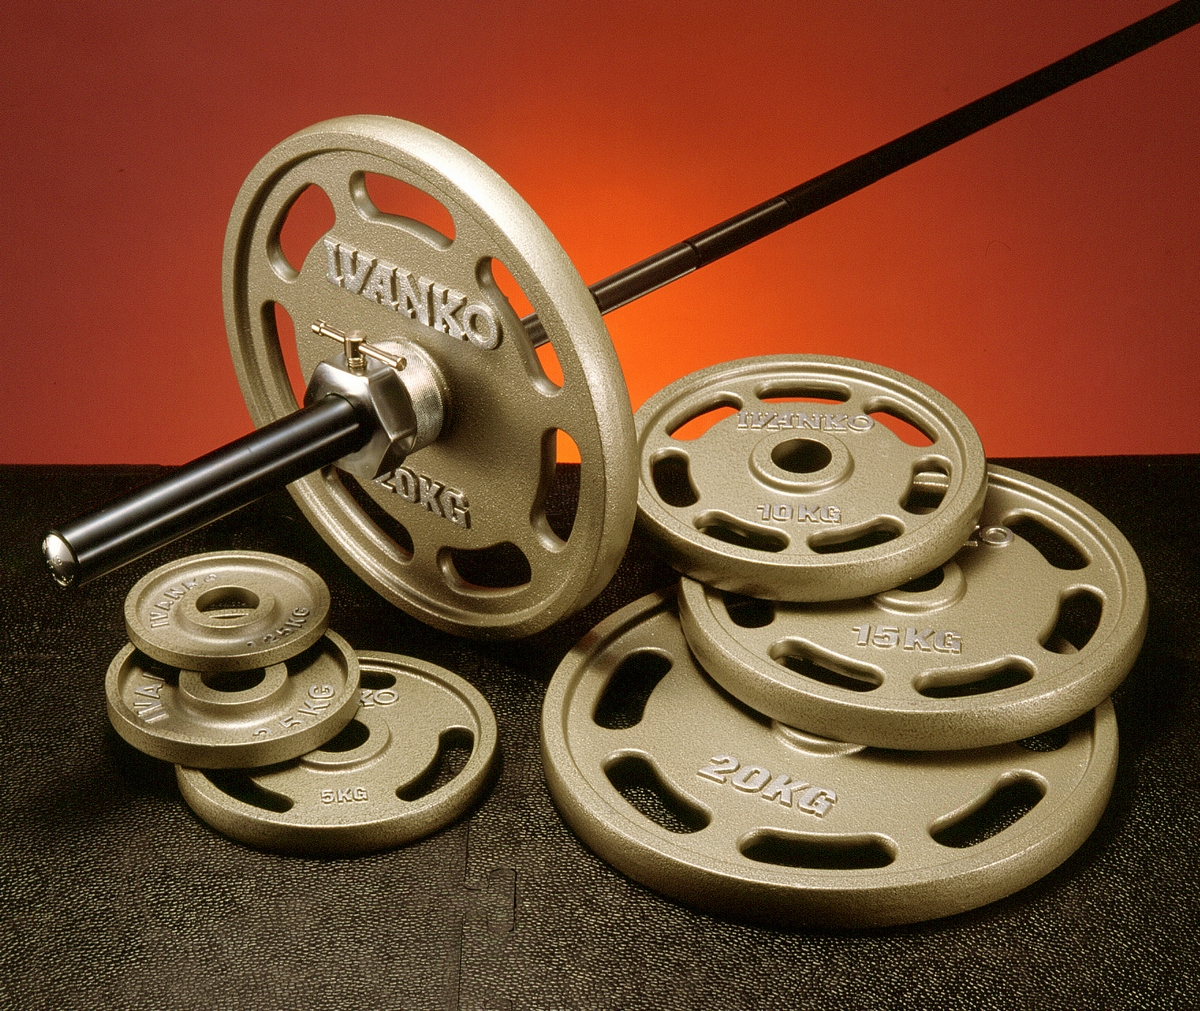 【Φ50mm高品質バーベルプレート】IVANKO(イヴァンコ社製エクササイズプレートペイントイージーグリッププレート5kg